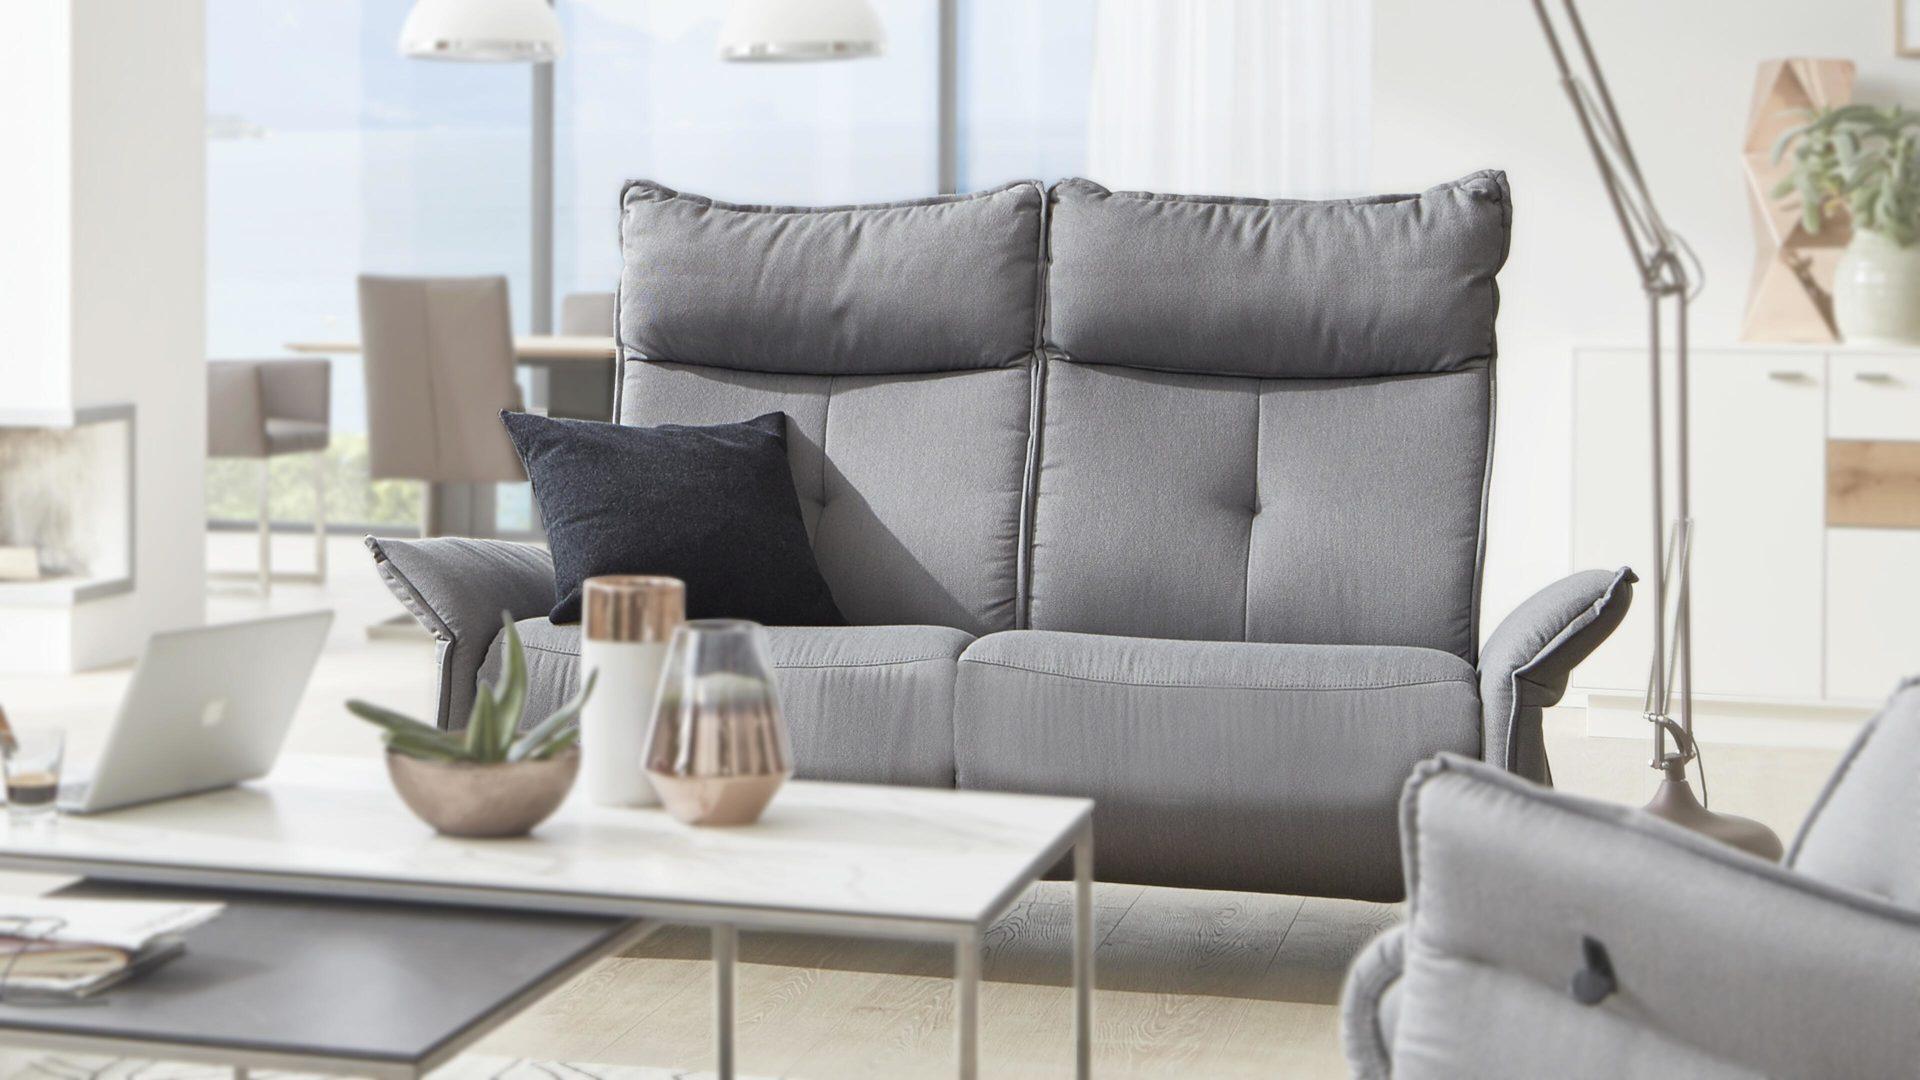 Interliving Sofa Serie 4200 2 5 Sitzer Hellgrauer Bezug Q2 Struktur Coast